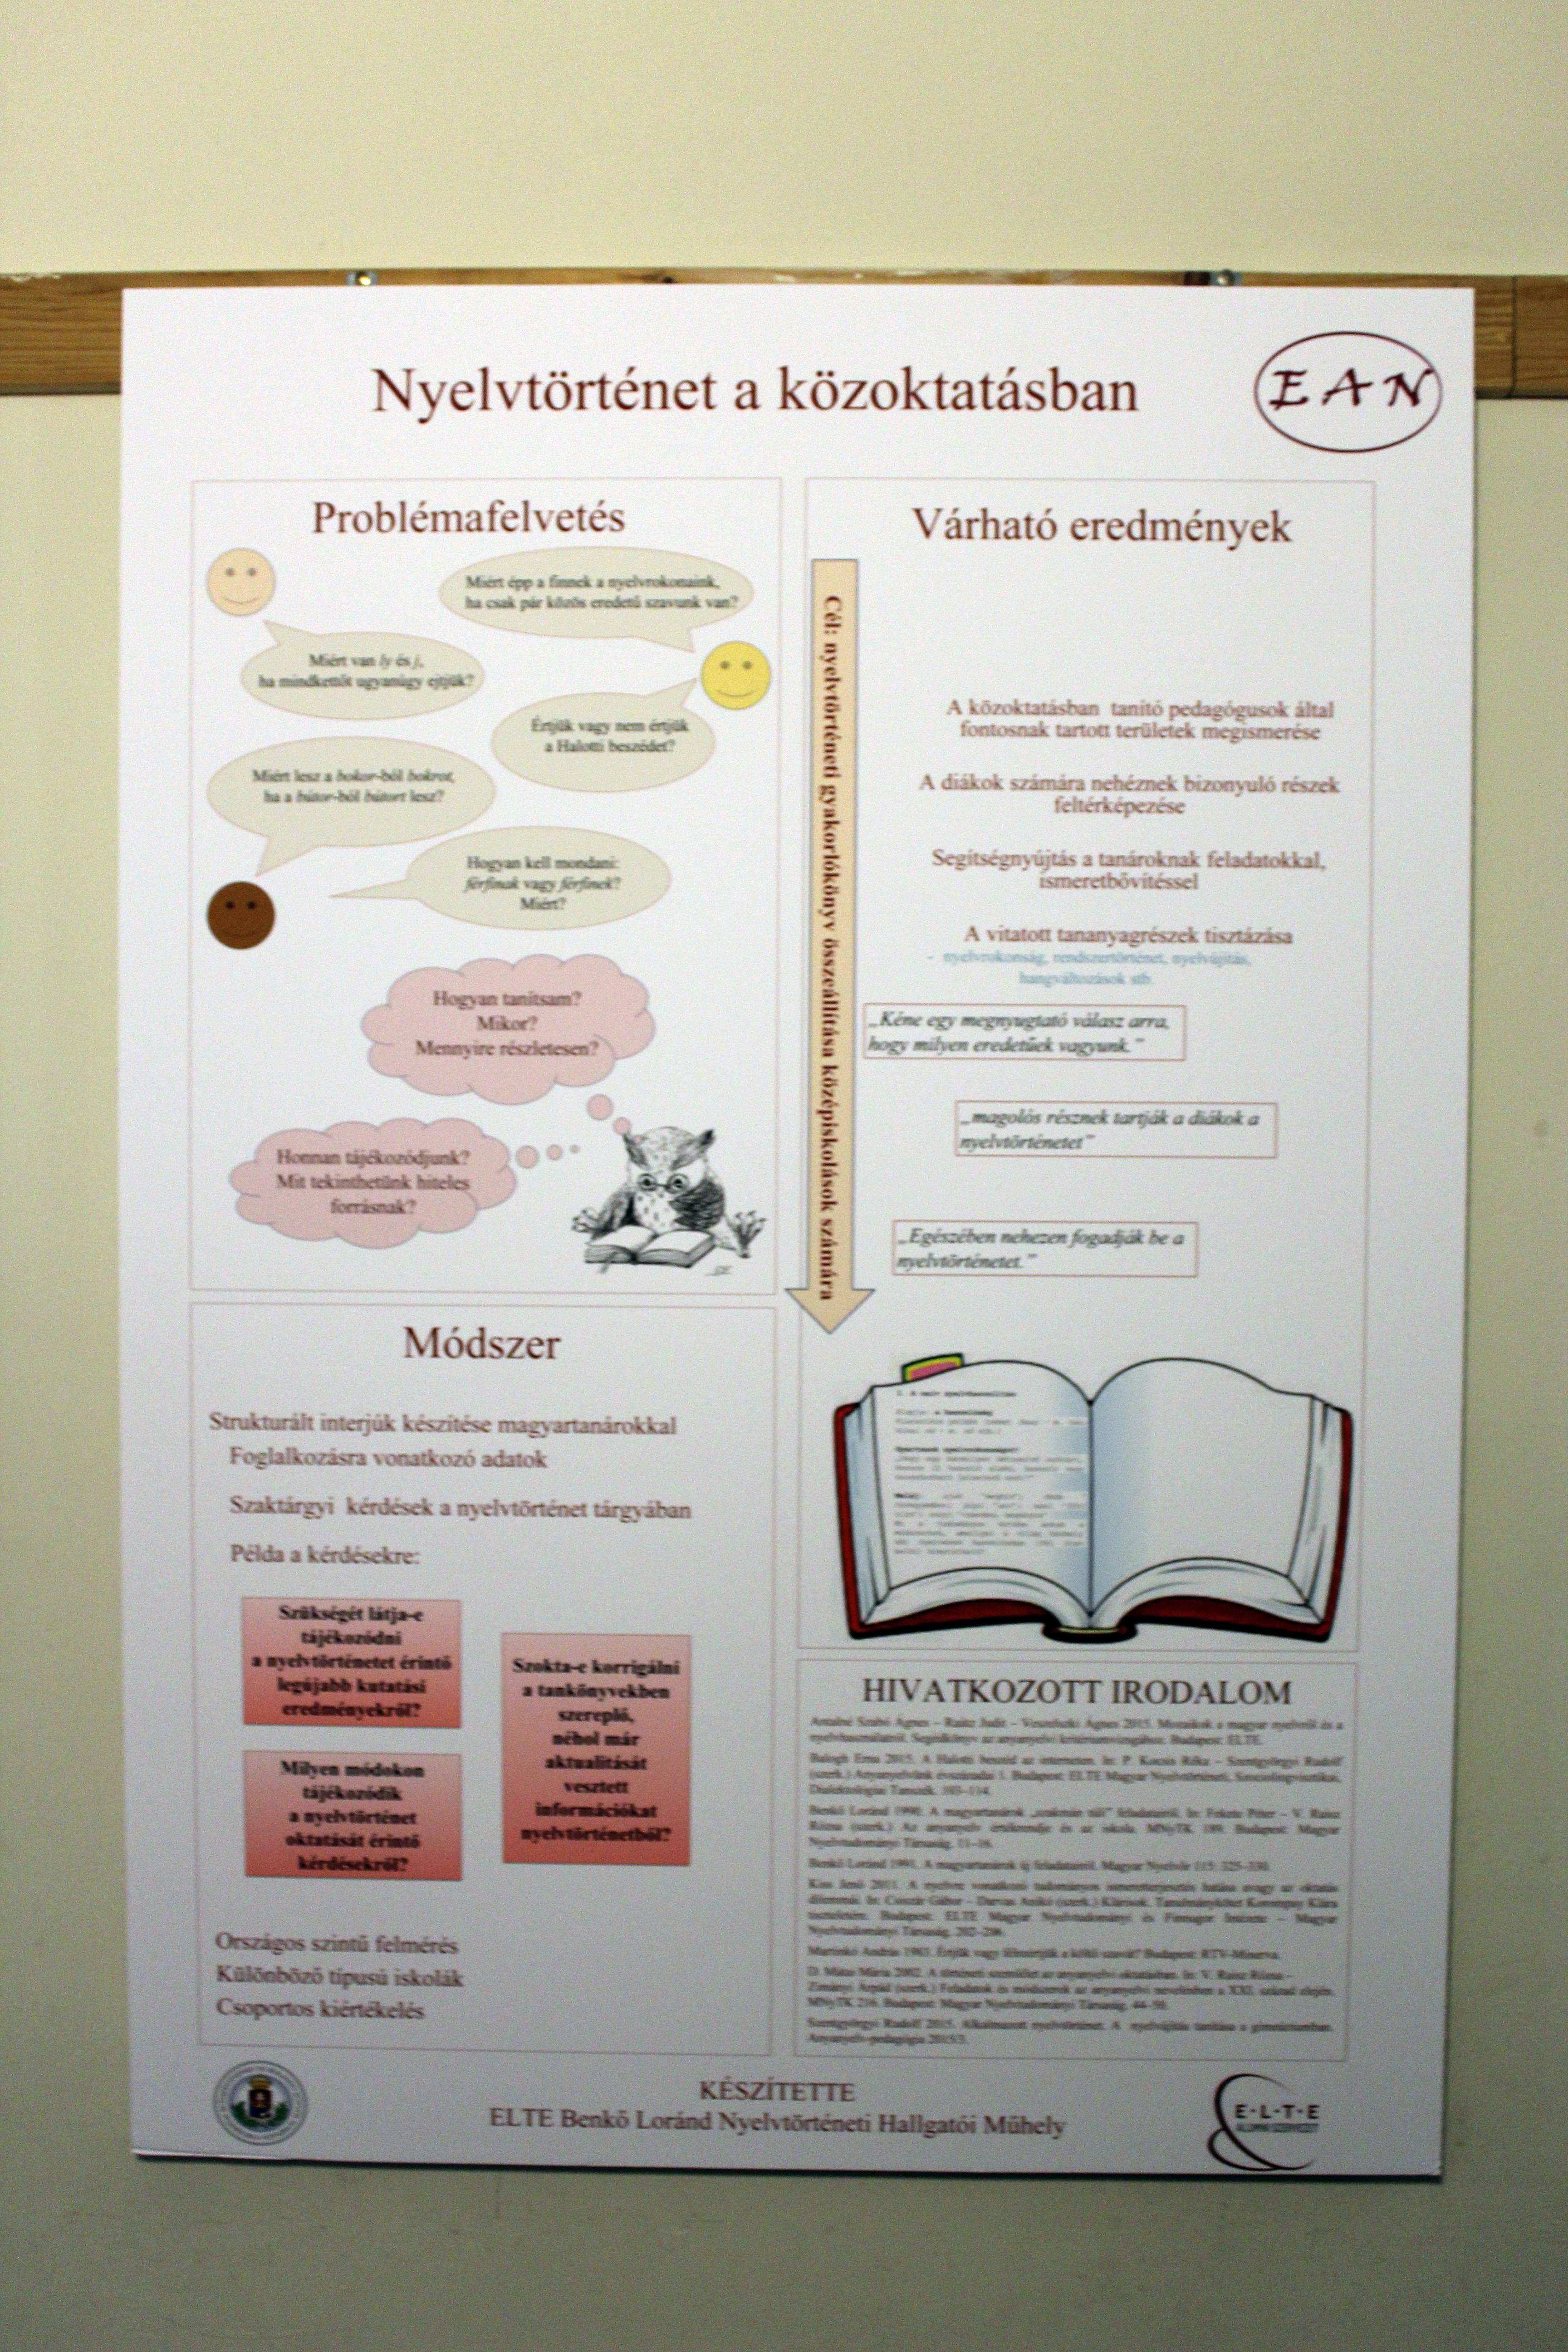 A Savaria Nyelvtudományi Diákműhely az Egyetemi Anyanyelvi Napokon (11)